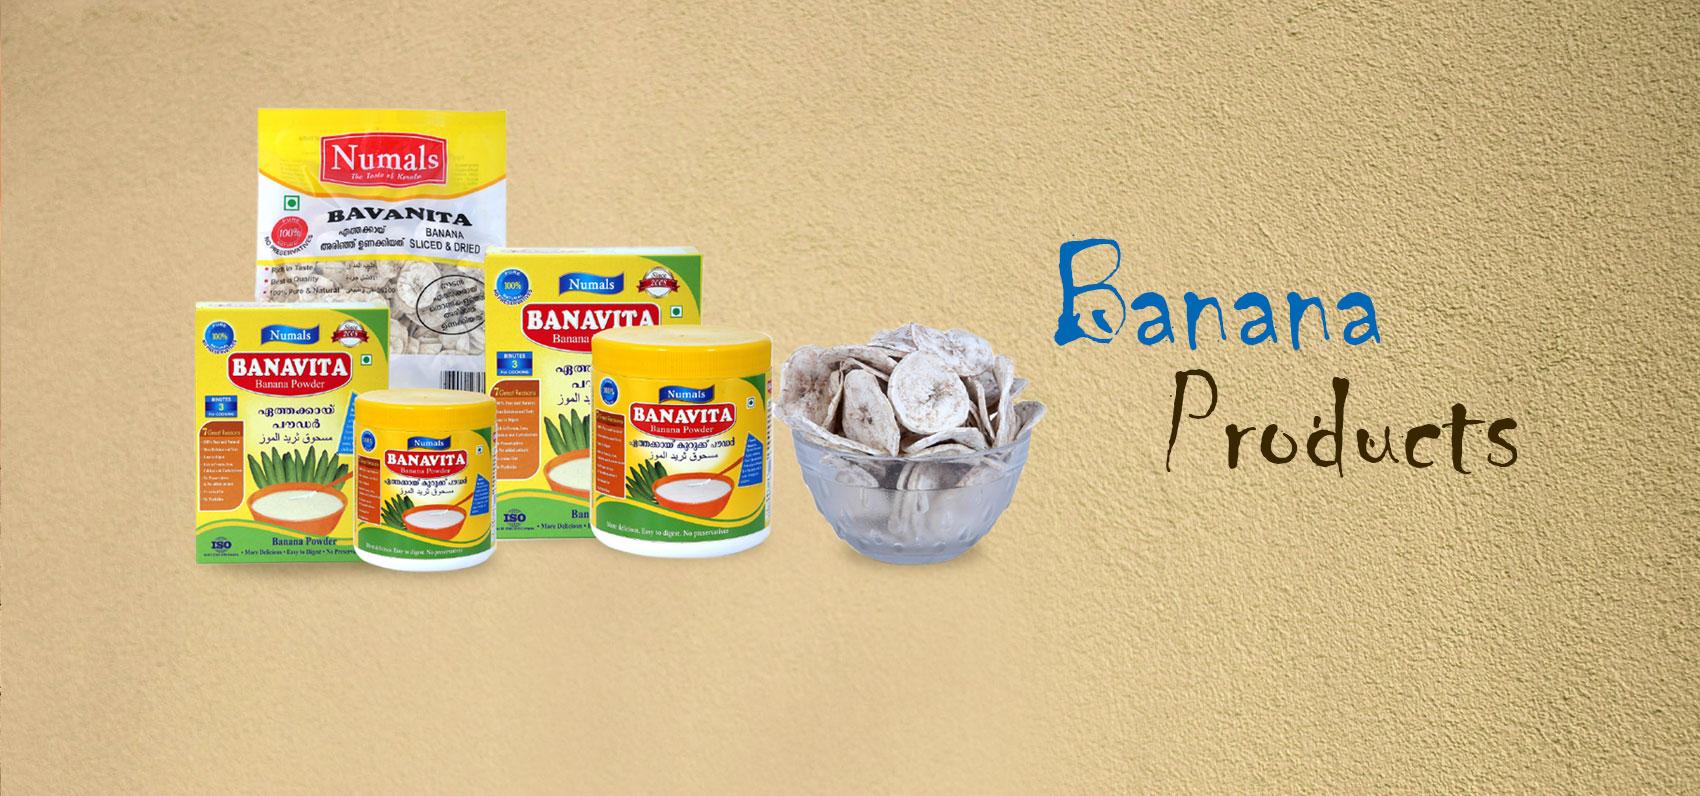 banana products